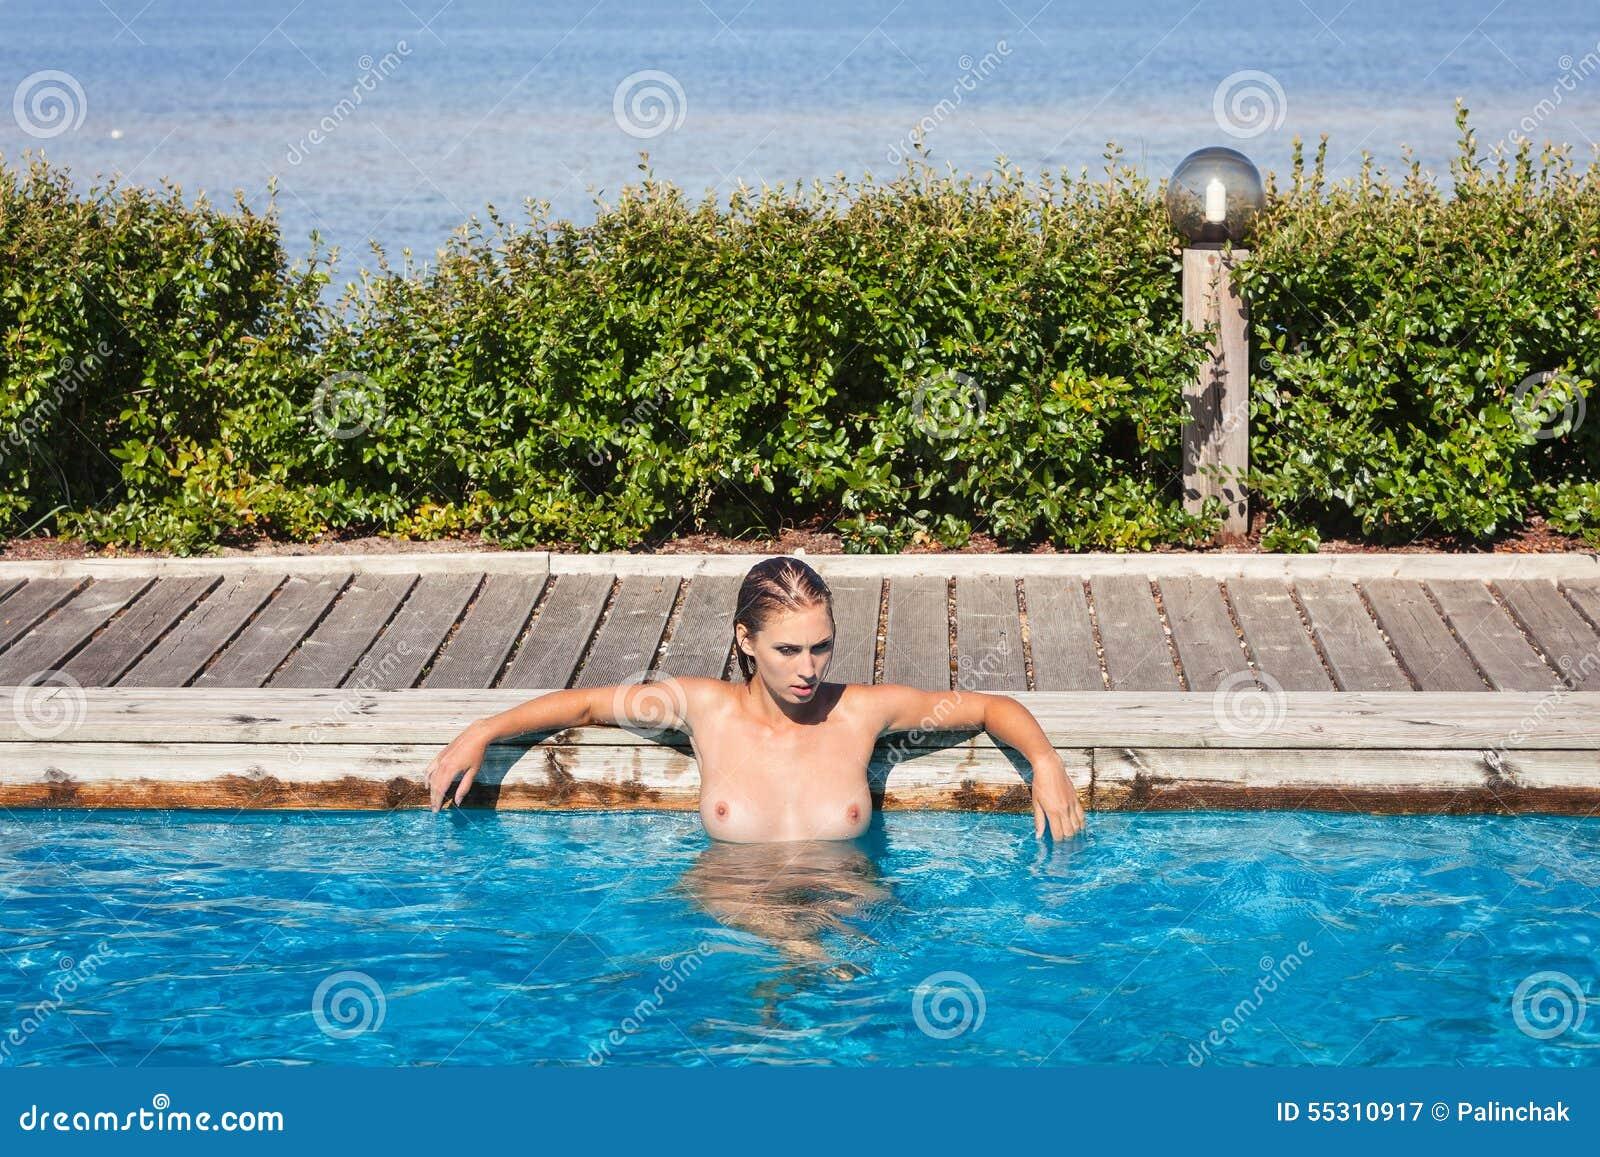 Pool in swimming nude women